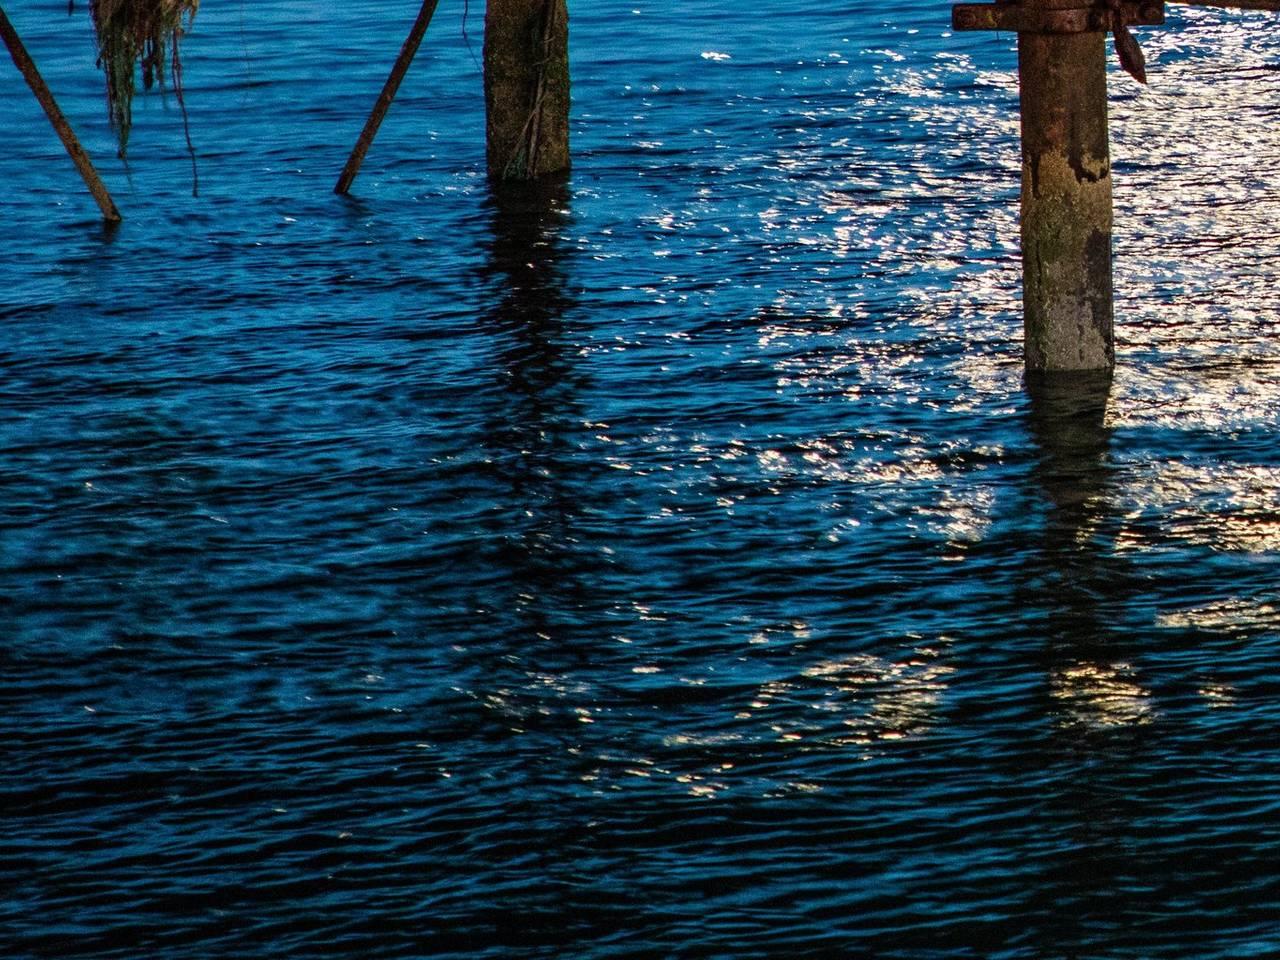 Dark blue sea by bridge structure